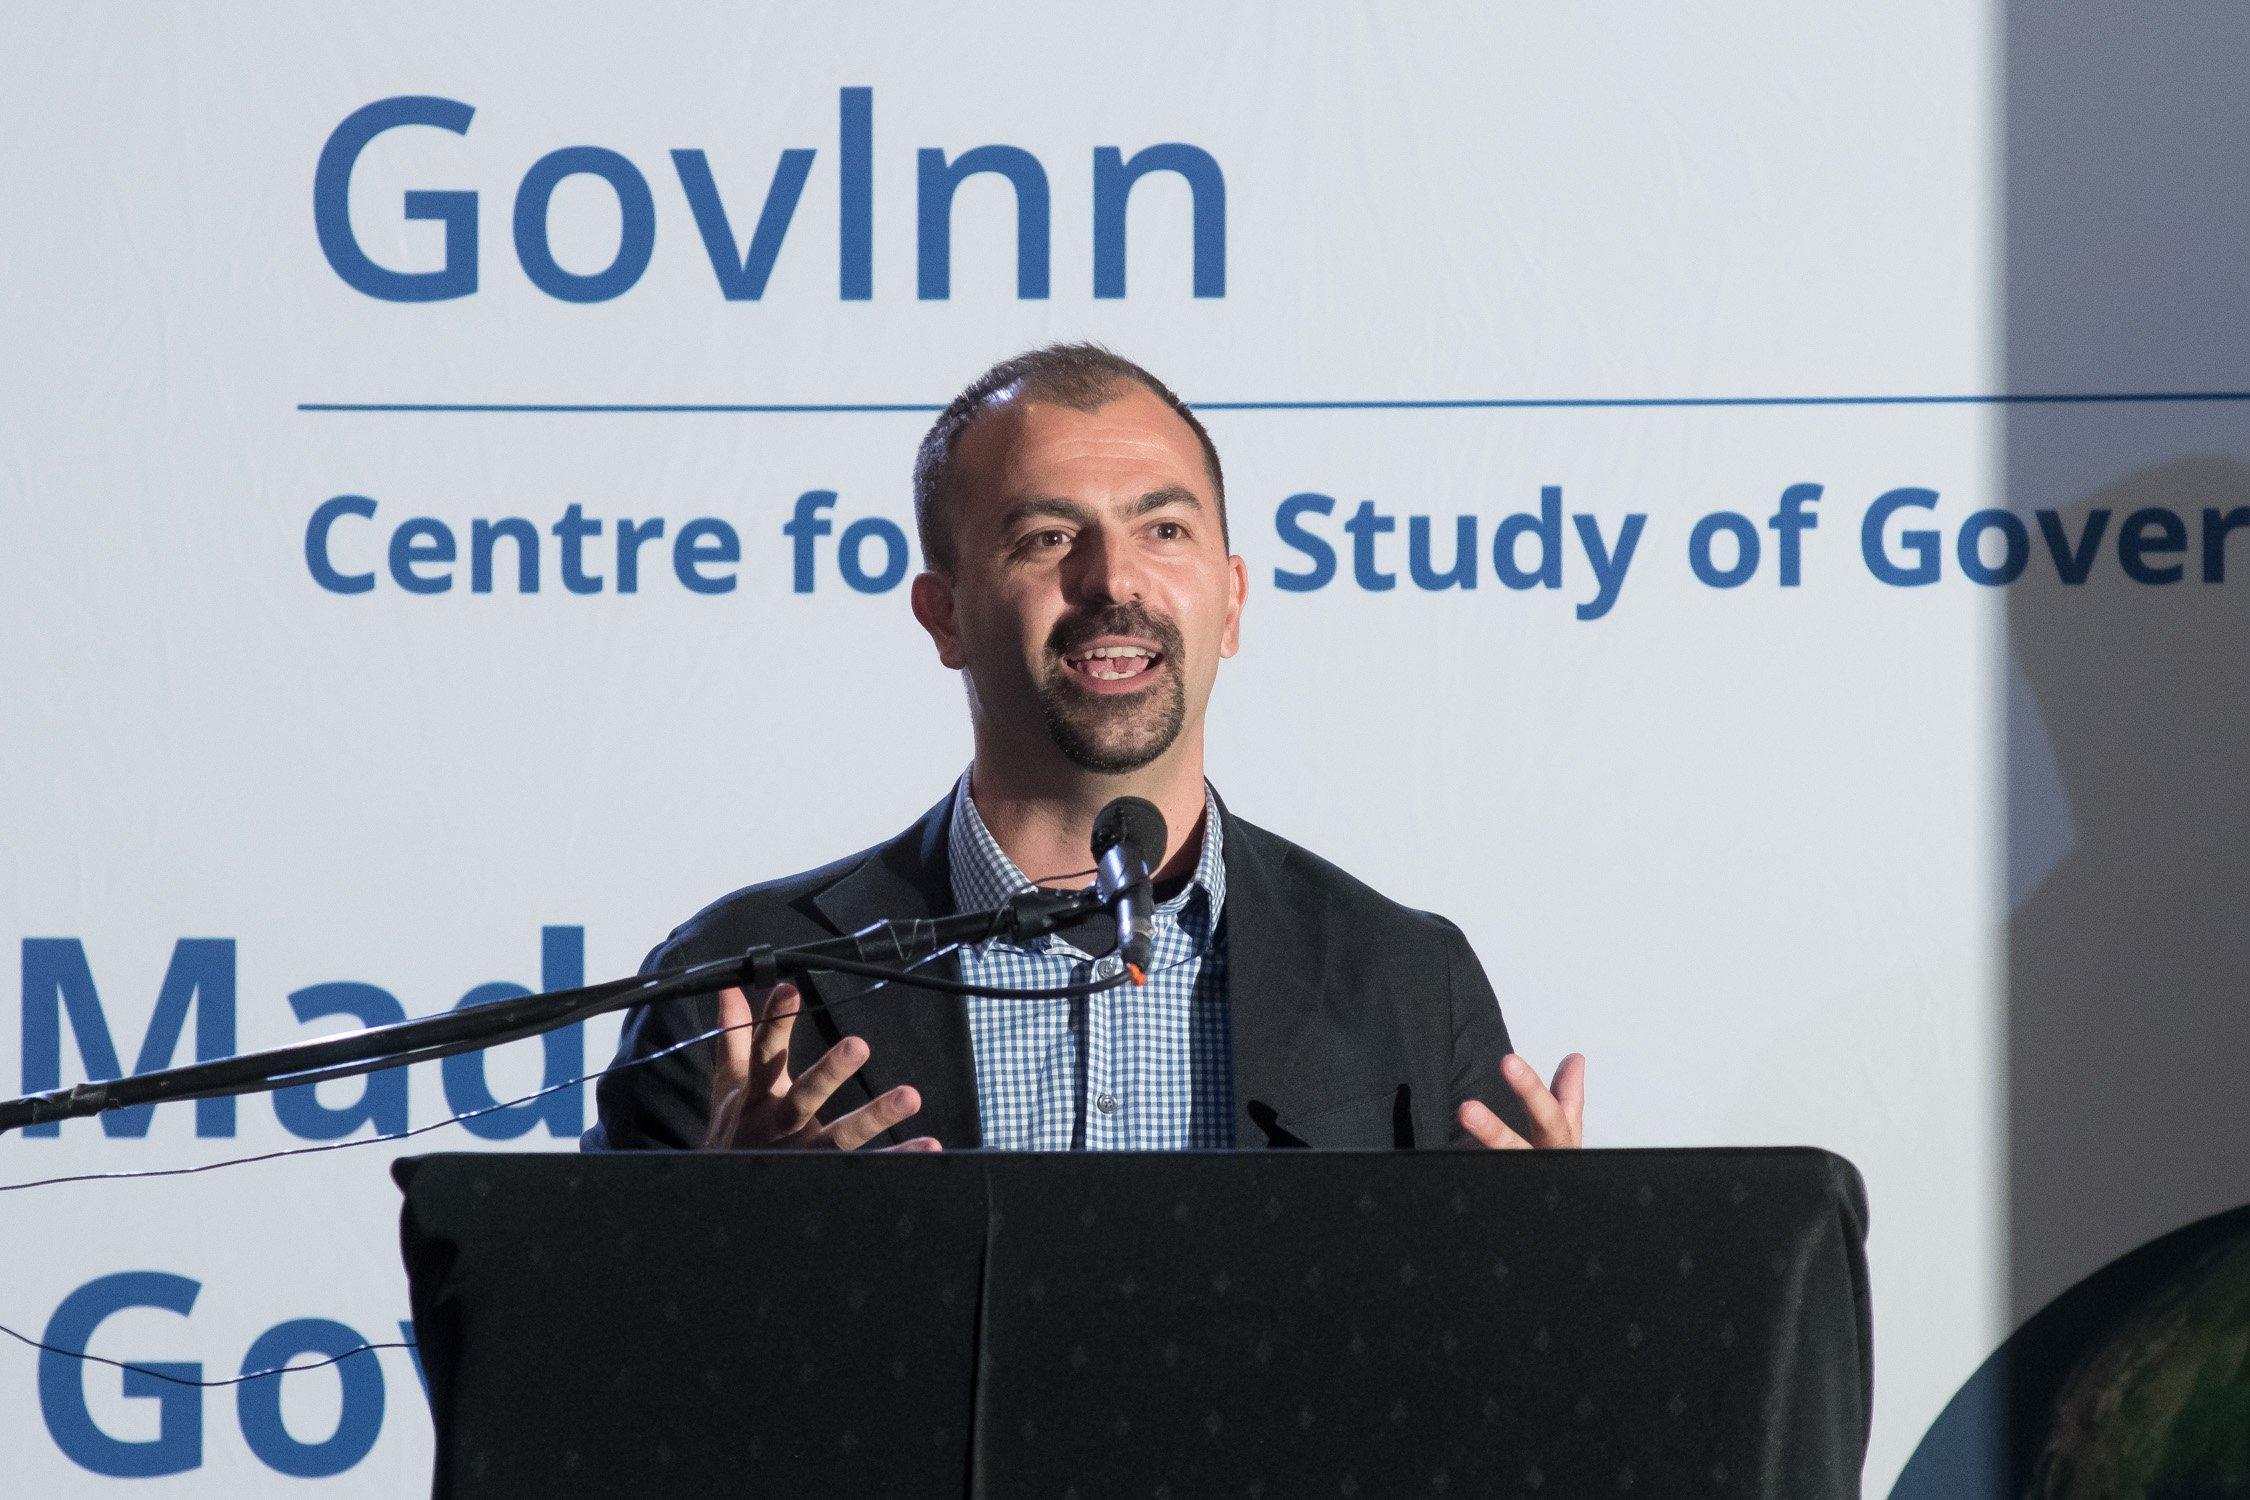 Dimite por falta de medios el ministro de Educación italiano, Lorenzo Fioramonti, el hombre que quiso imponer la asignatura sobre cambio climático … ¡Bien!